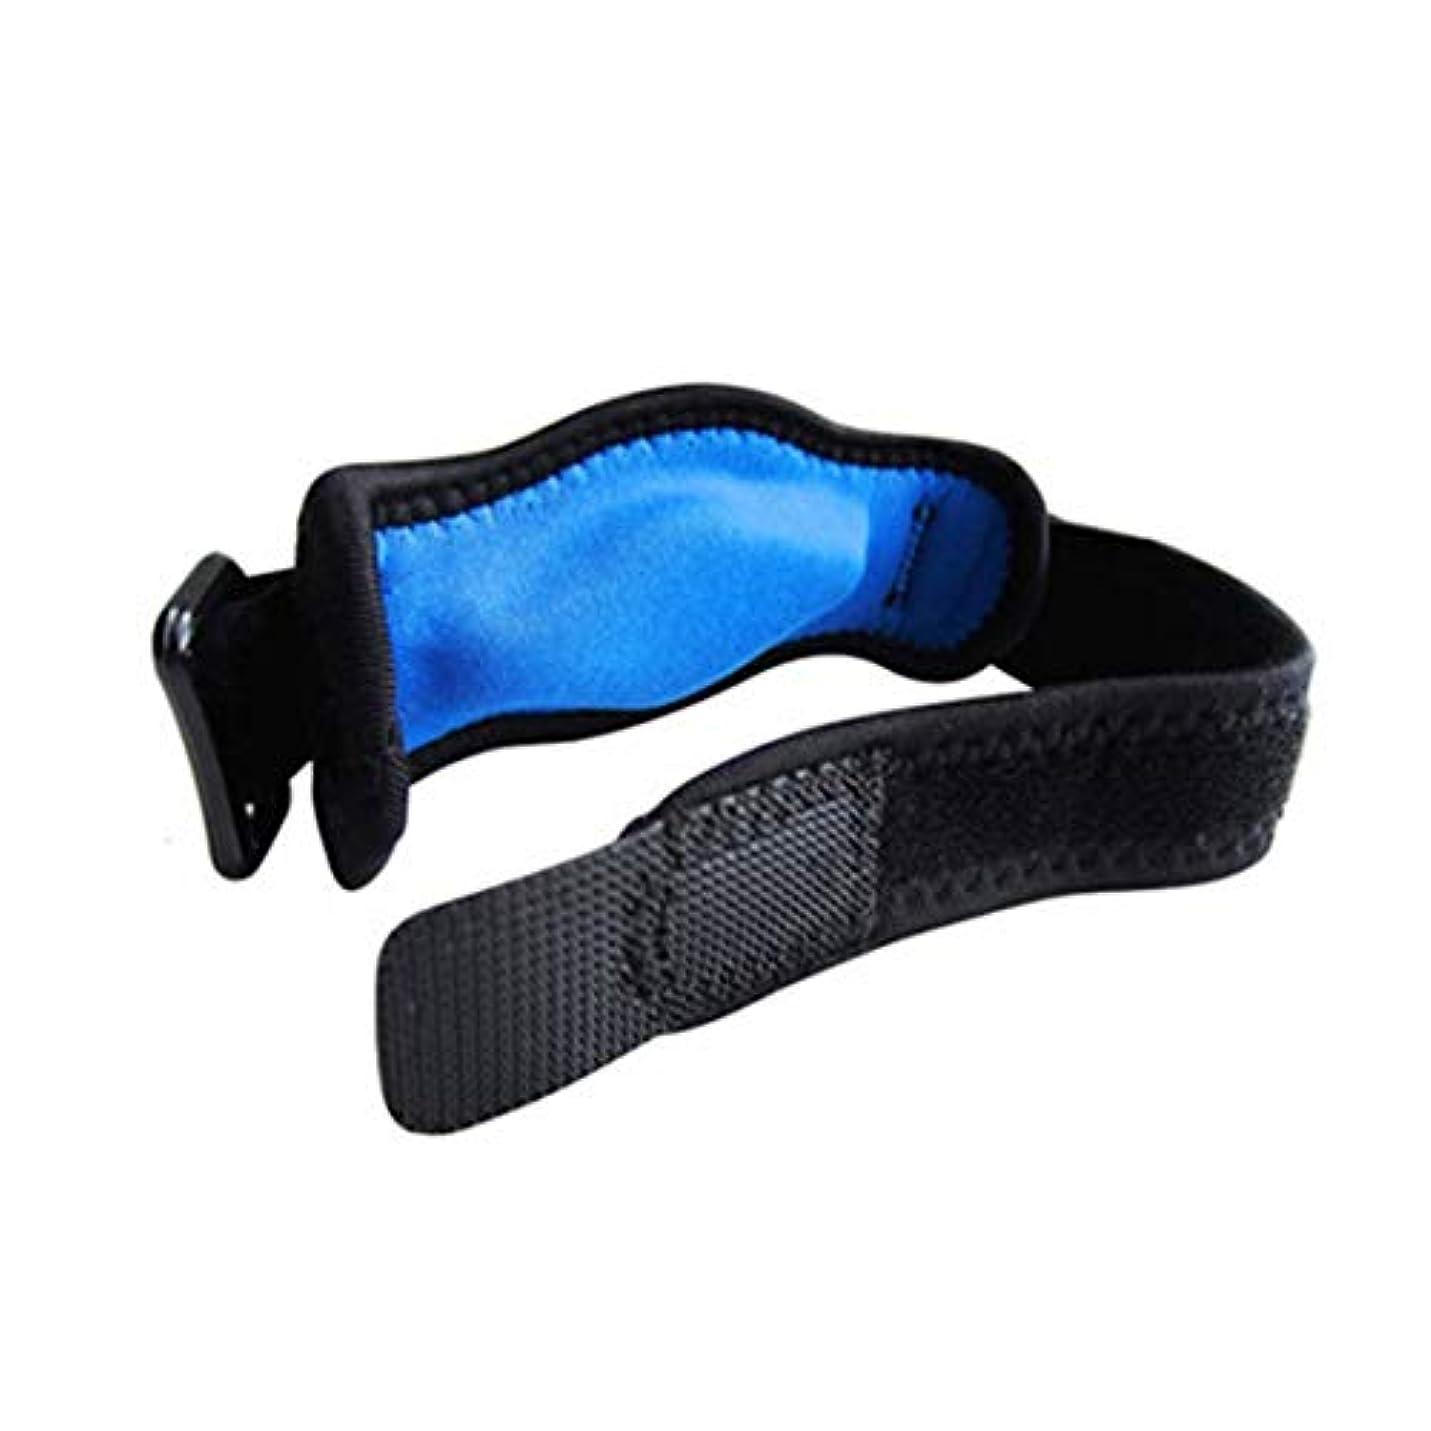 自慢登山家犯人調節可能なテニス肘サポートストラップブレースゴルフ前腕痛み緩和 - 黒